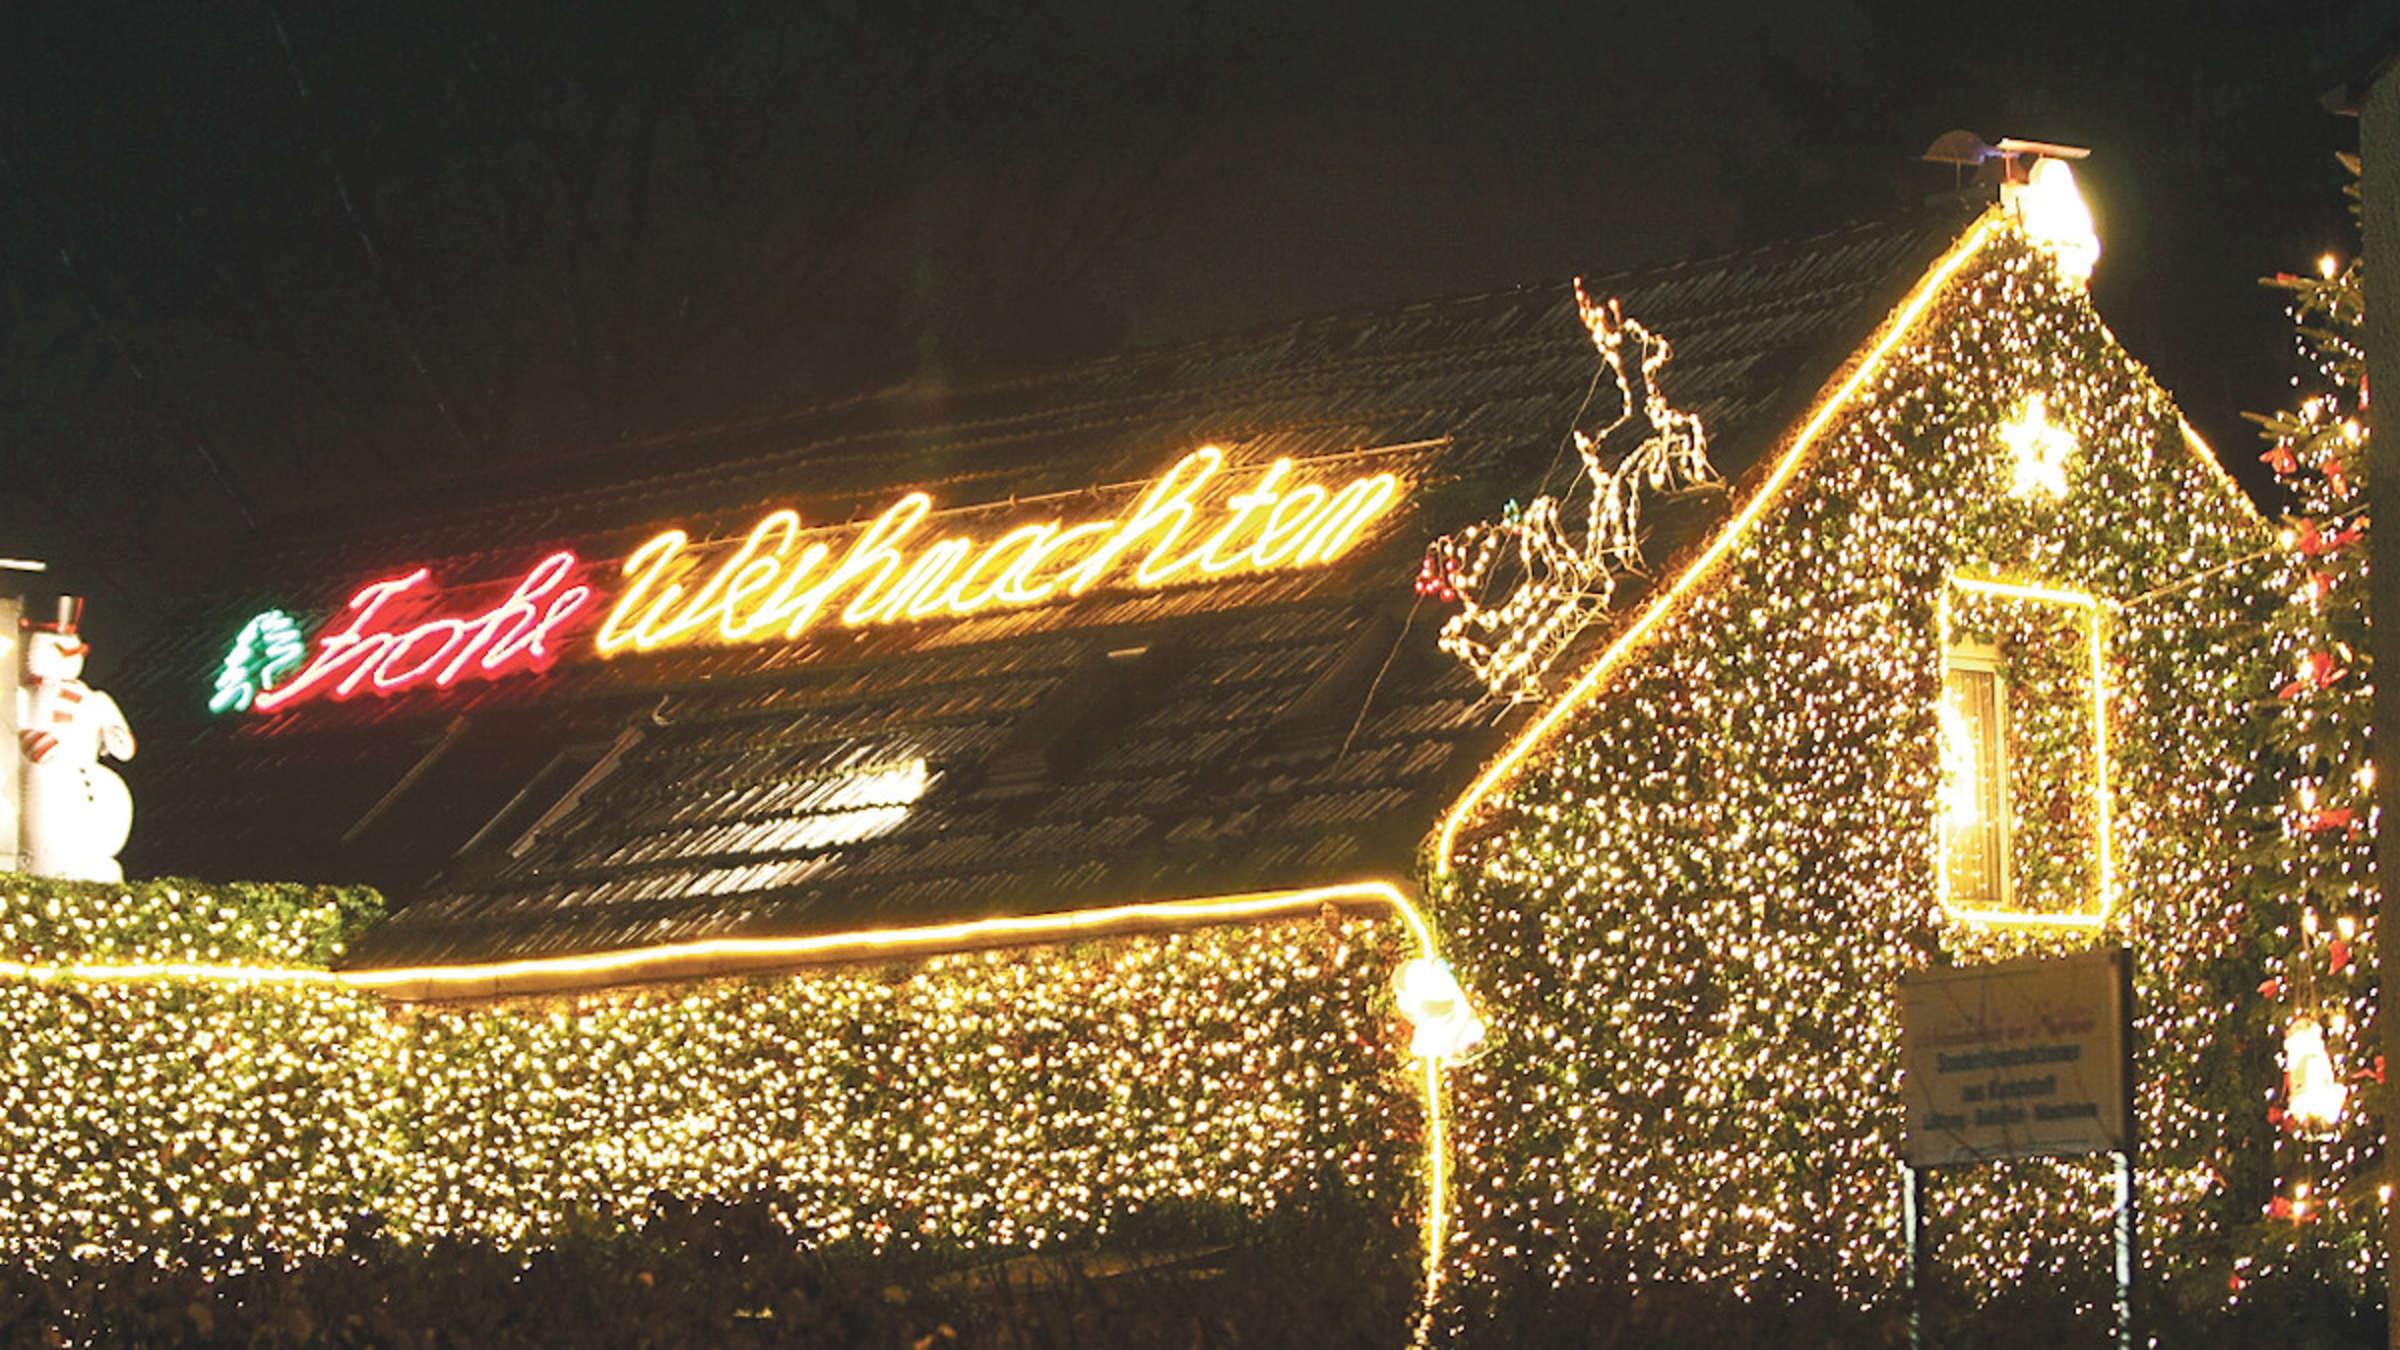 Full Size of Solingen Weihnachten Das Ist Bei Der Dekoration Verboten Fenster Schallschutz Einbruchsicherung Mit Lüftung Tauschen Jalousien Braun Sonnenschutz Außen Fenster Weihnachtsbeleuchtung Fenster